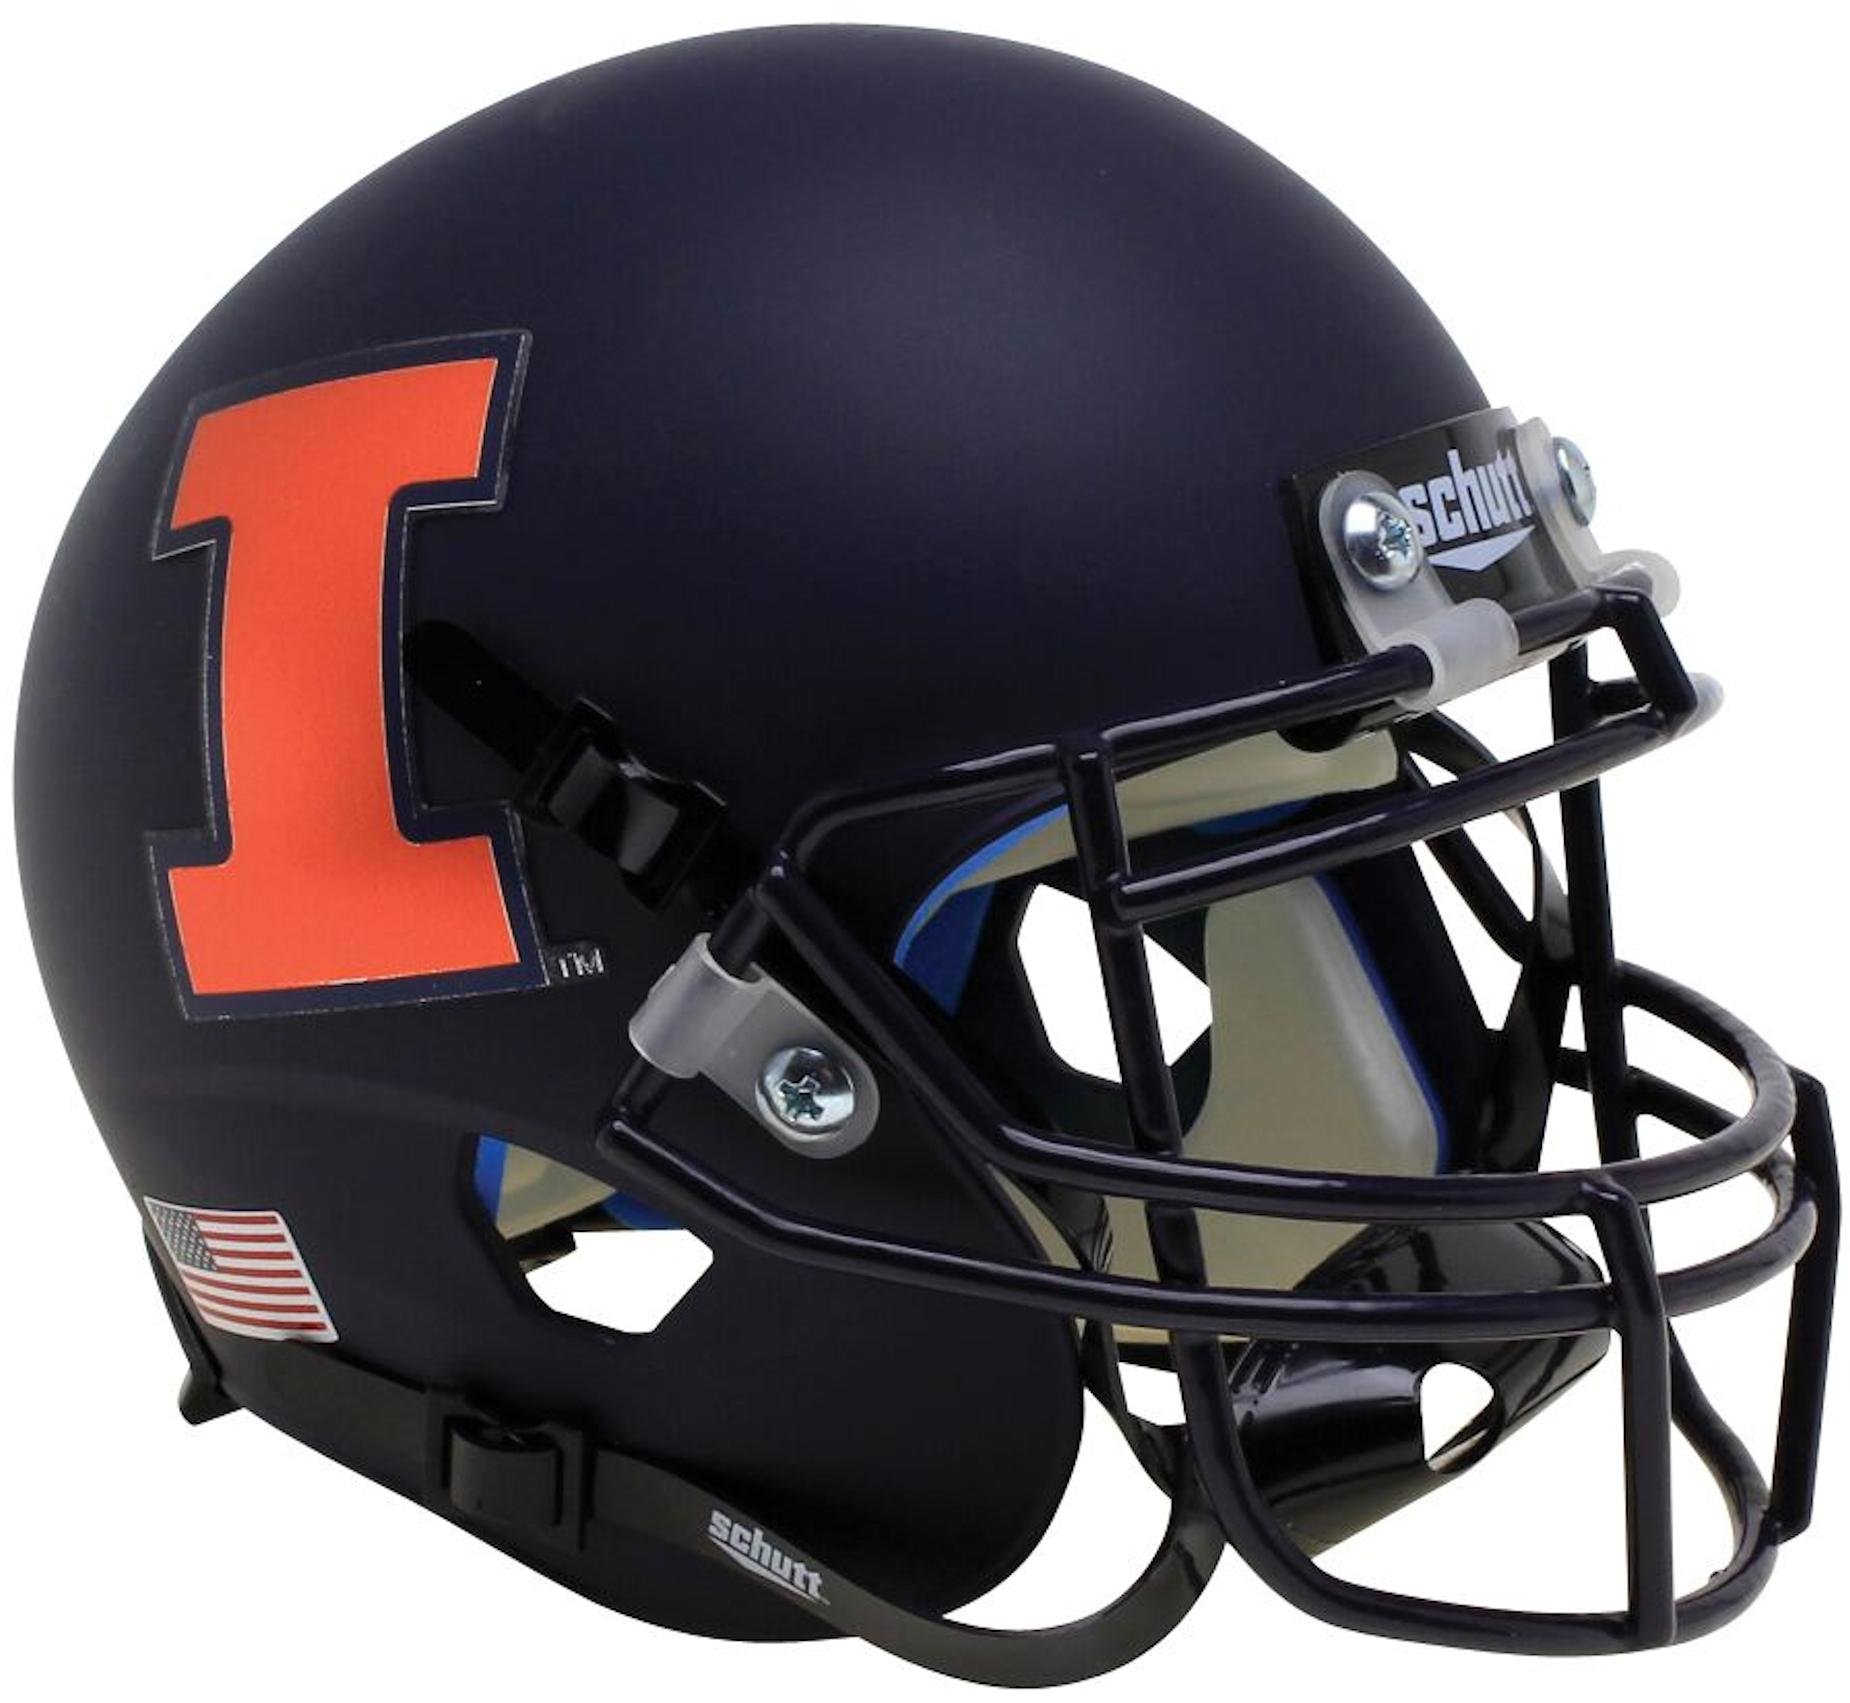 Illinois Fighting Illini Full XP Replica Football Helmet Schutt <B>Matte Black Orange I</B>